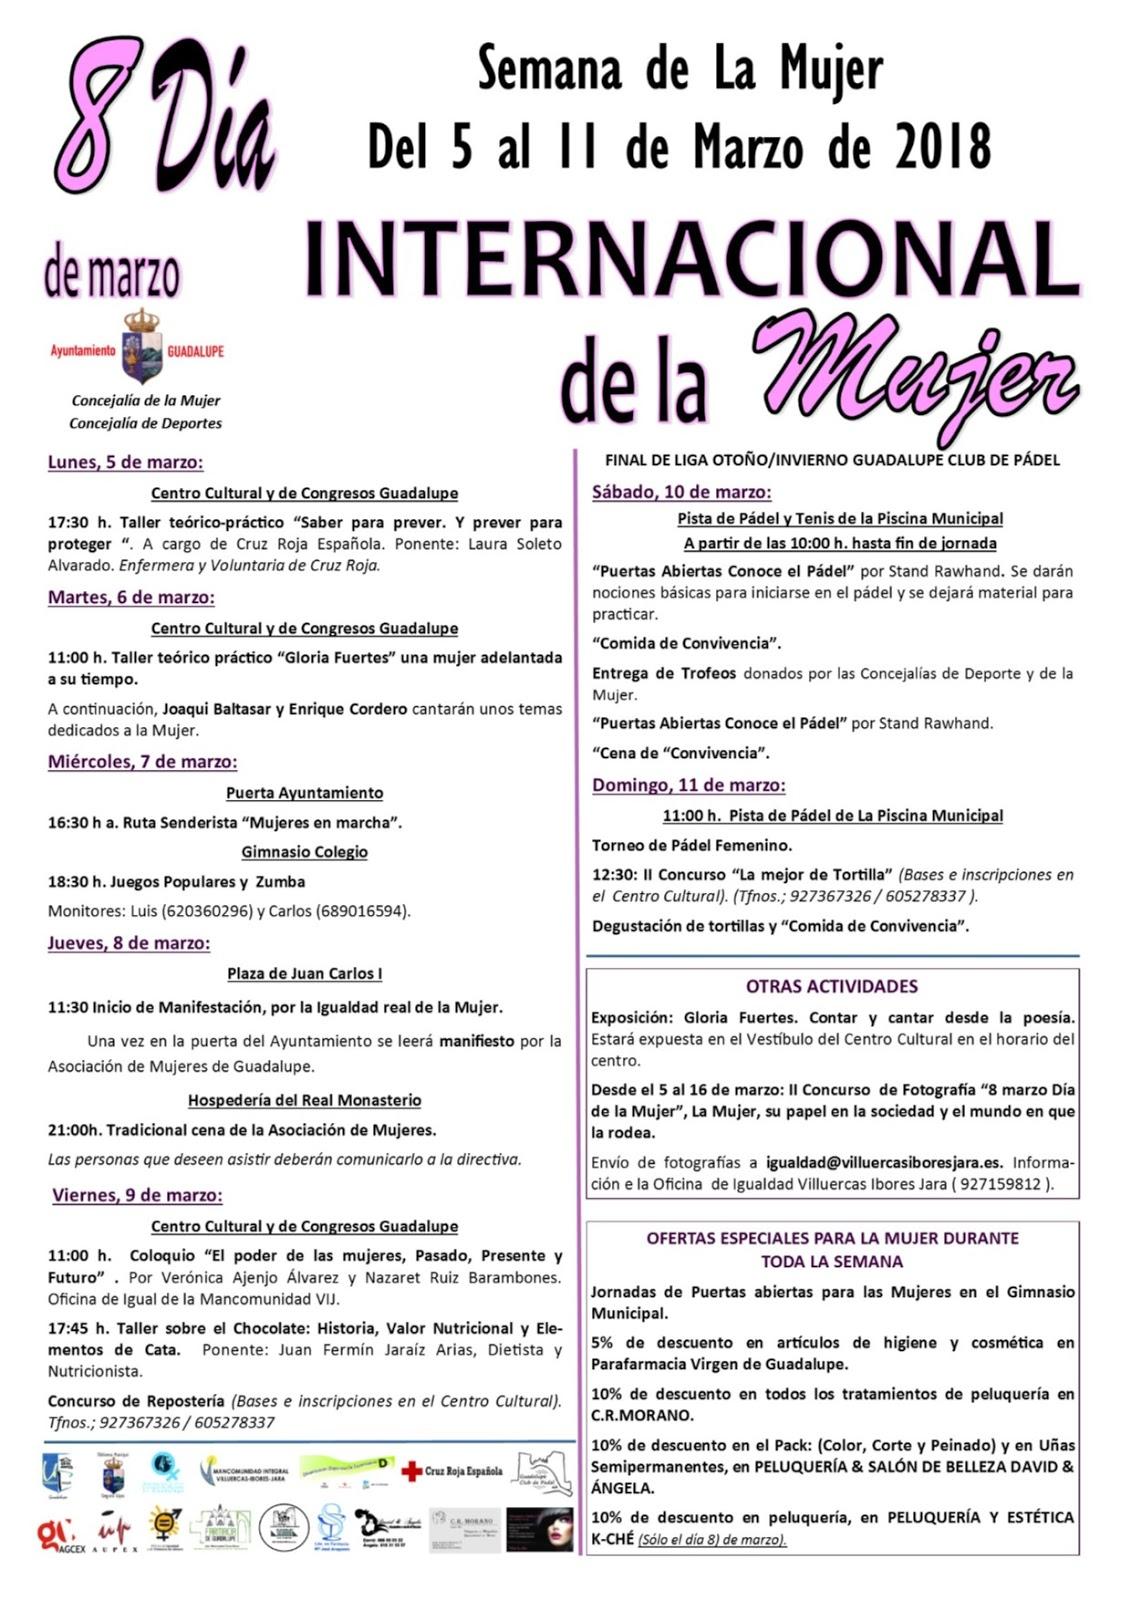 Semana de la Mujer 2018 - Guadalupe